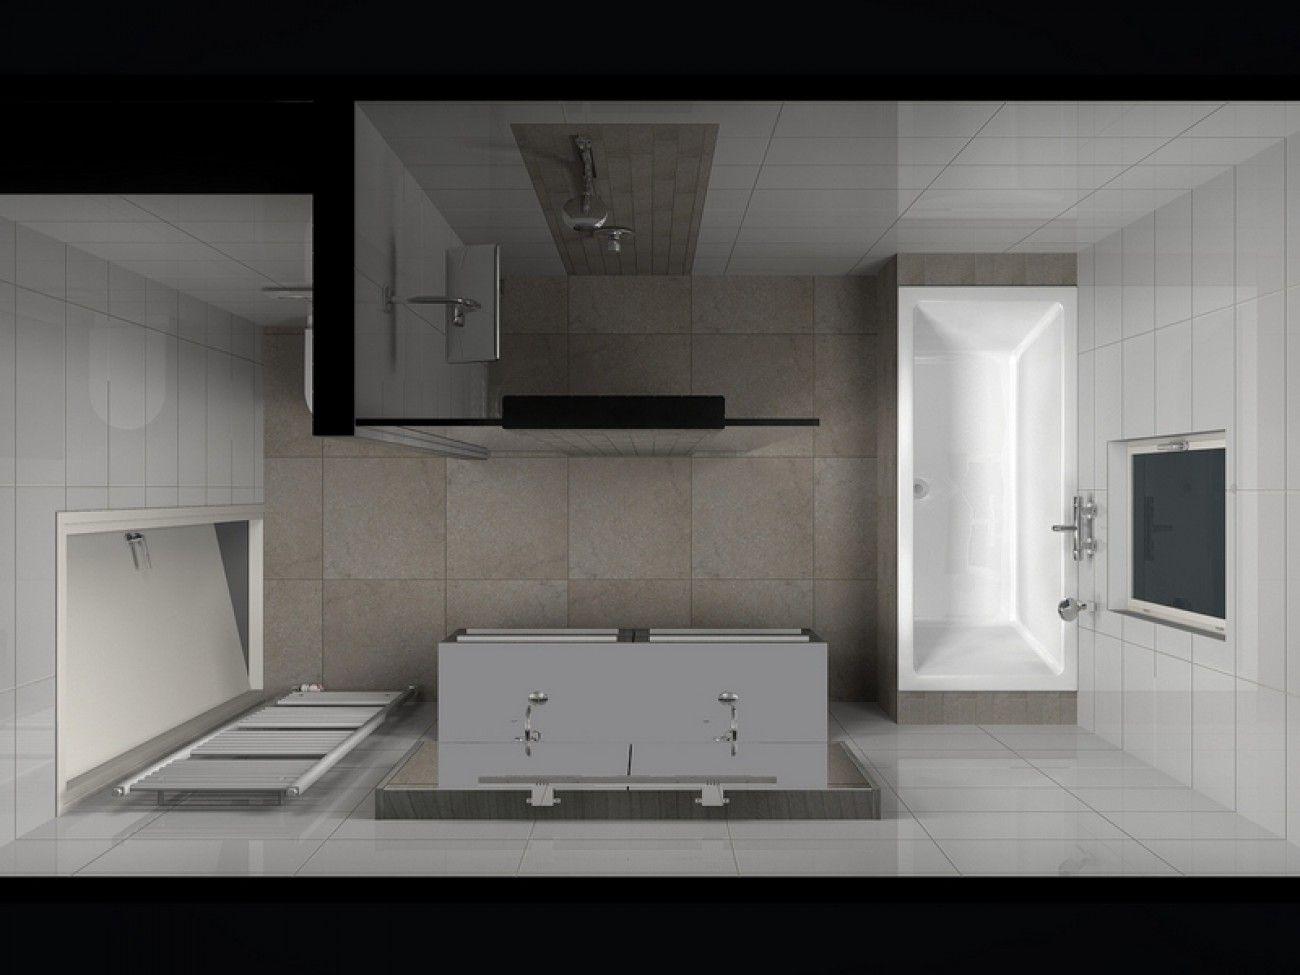 Badkamer idee voor kleine badkamer bad badezimmer bad und